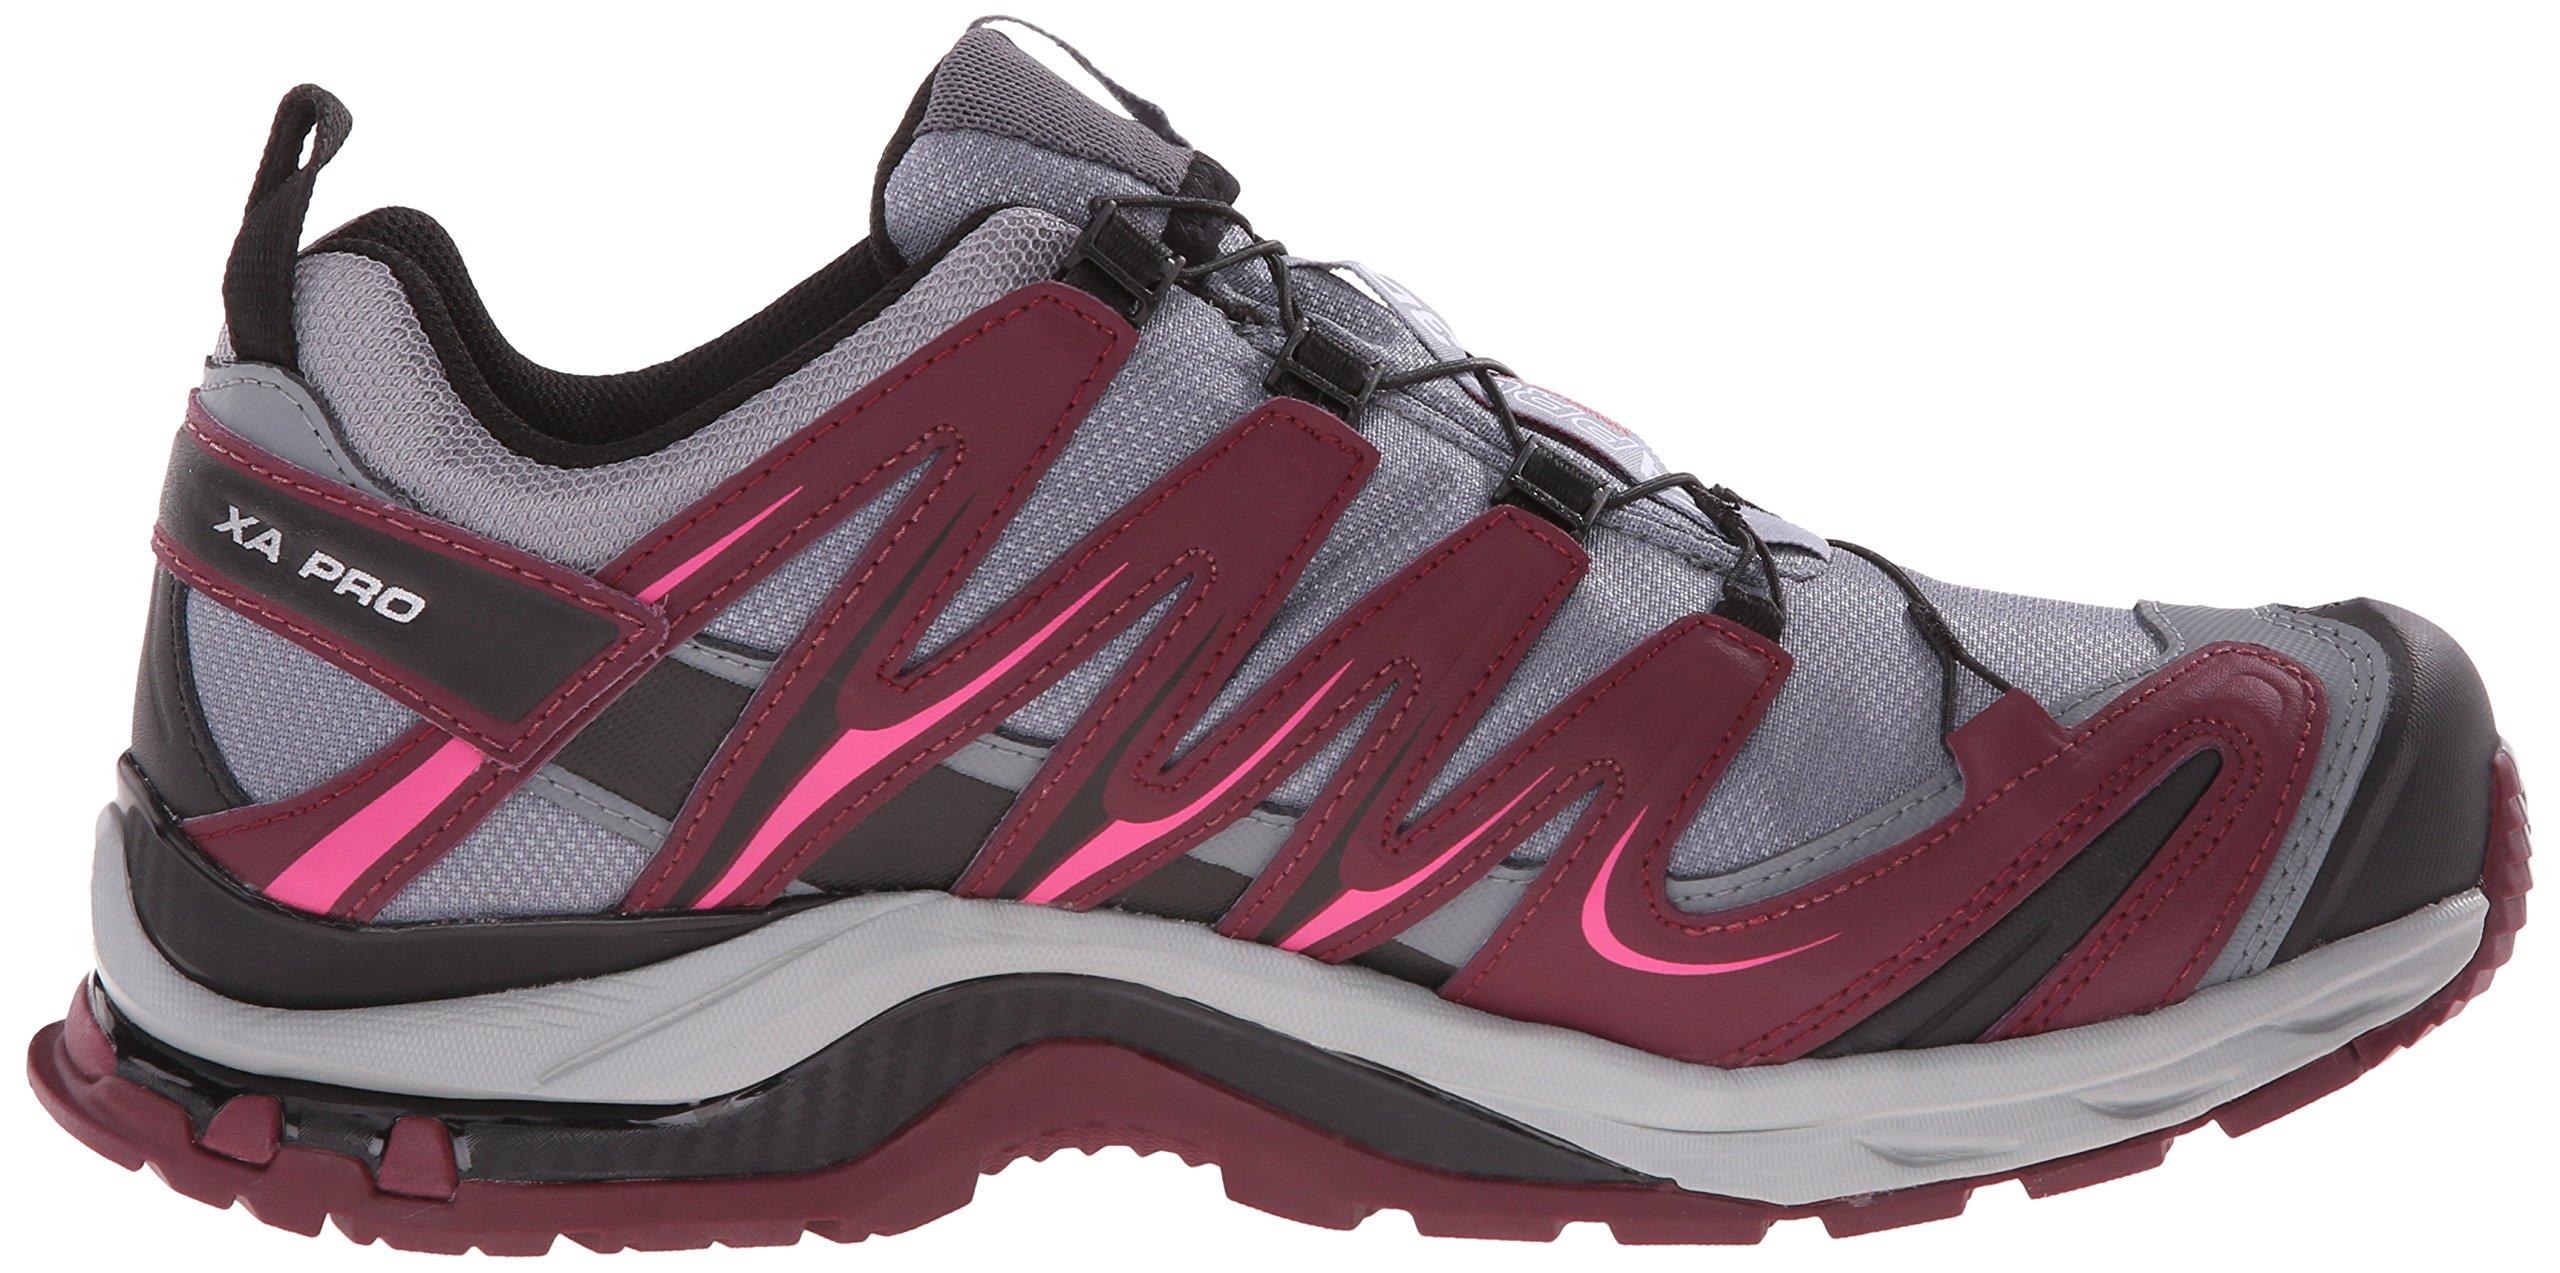 81wePJe%2BRtL - SALOMON Women's XA PRO 3D CS WP W Trail Runner